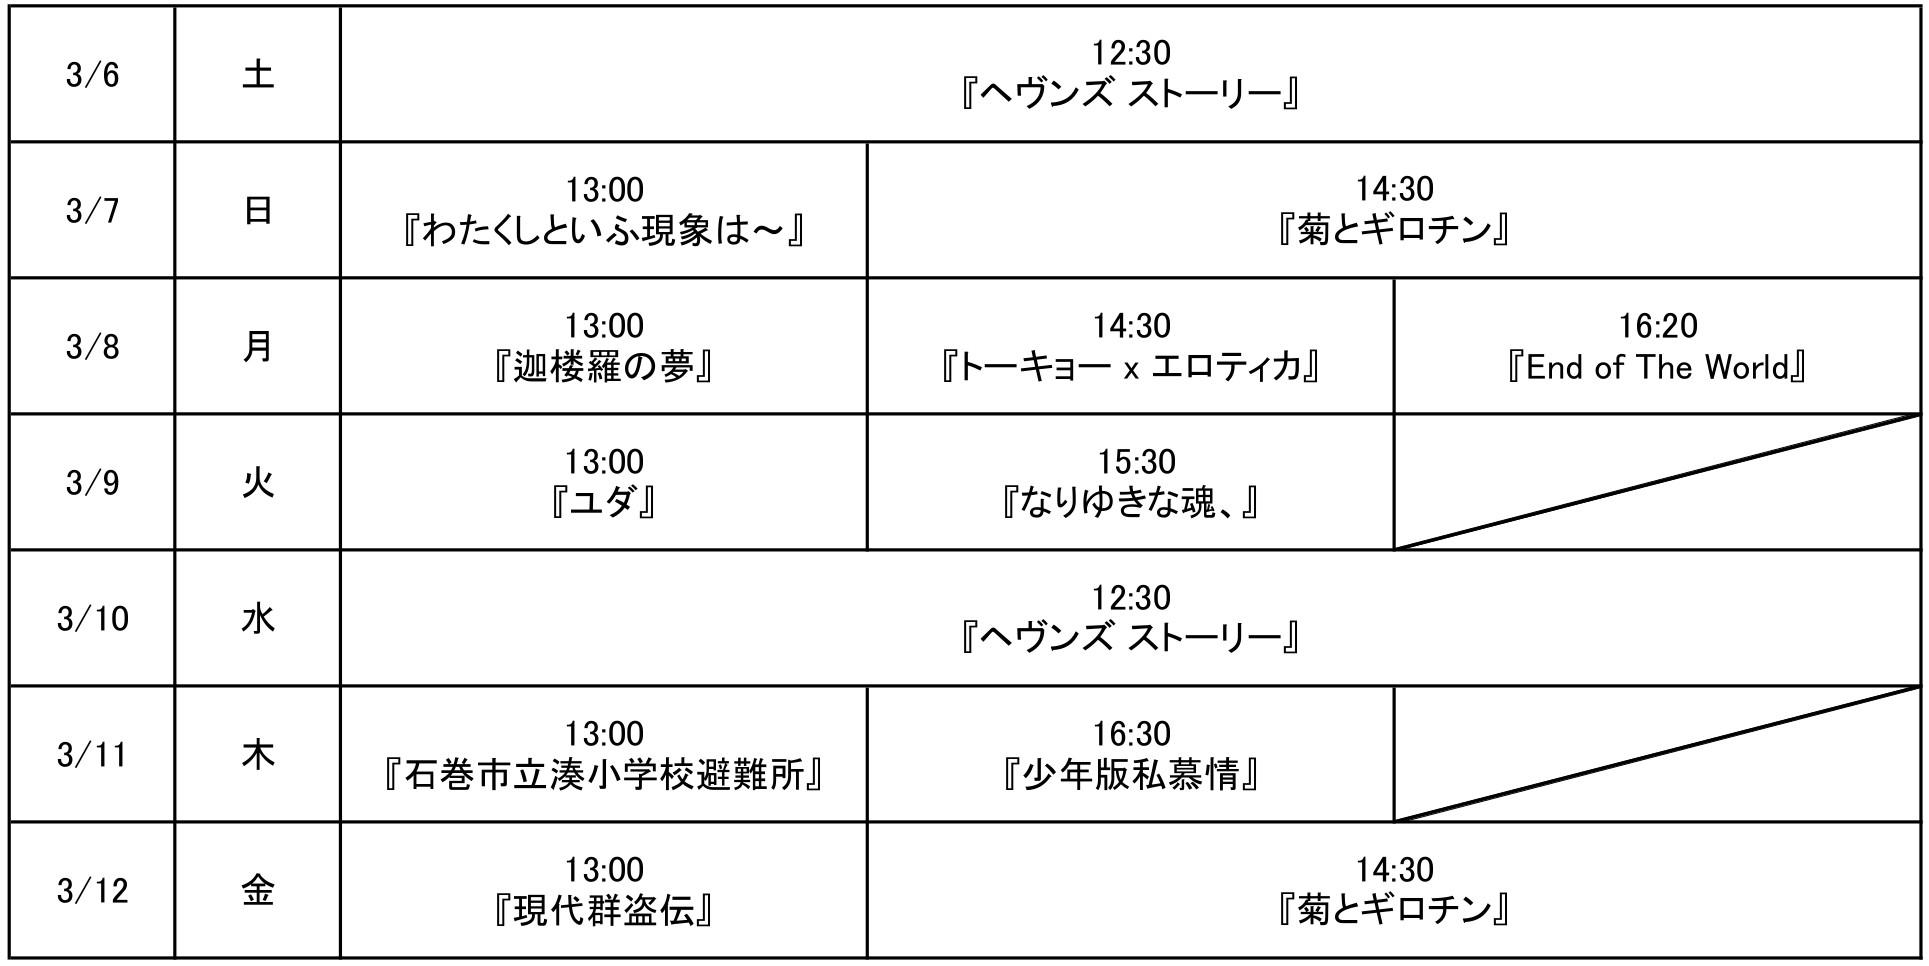 映画祭タイムテーブル